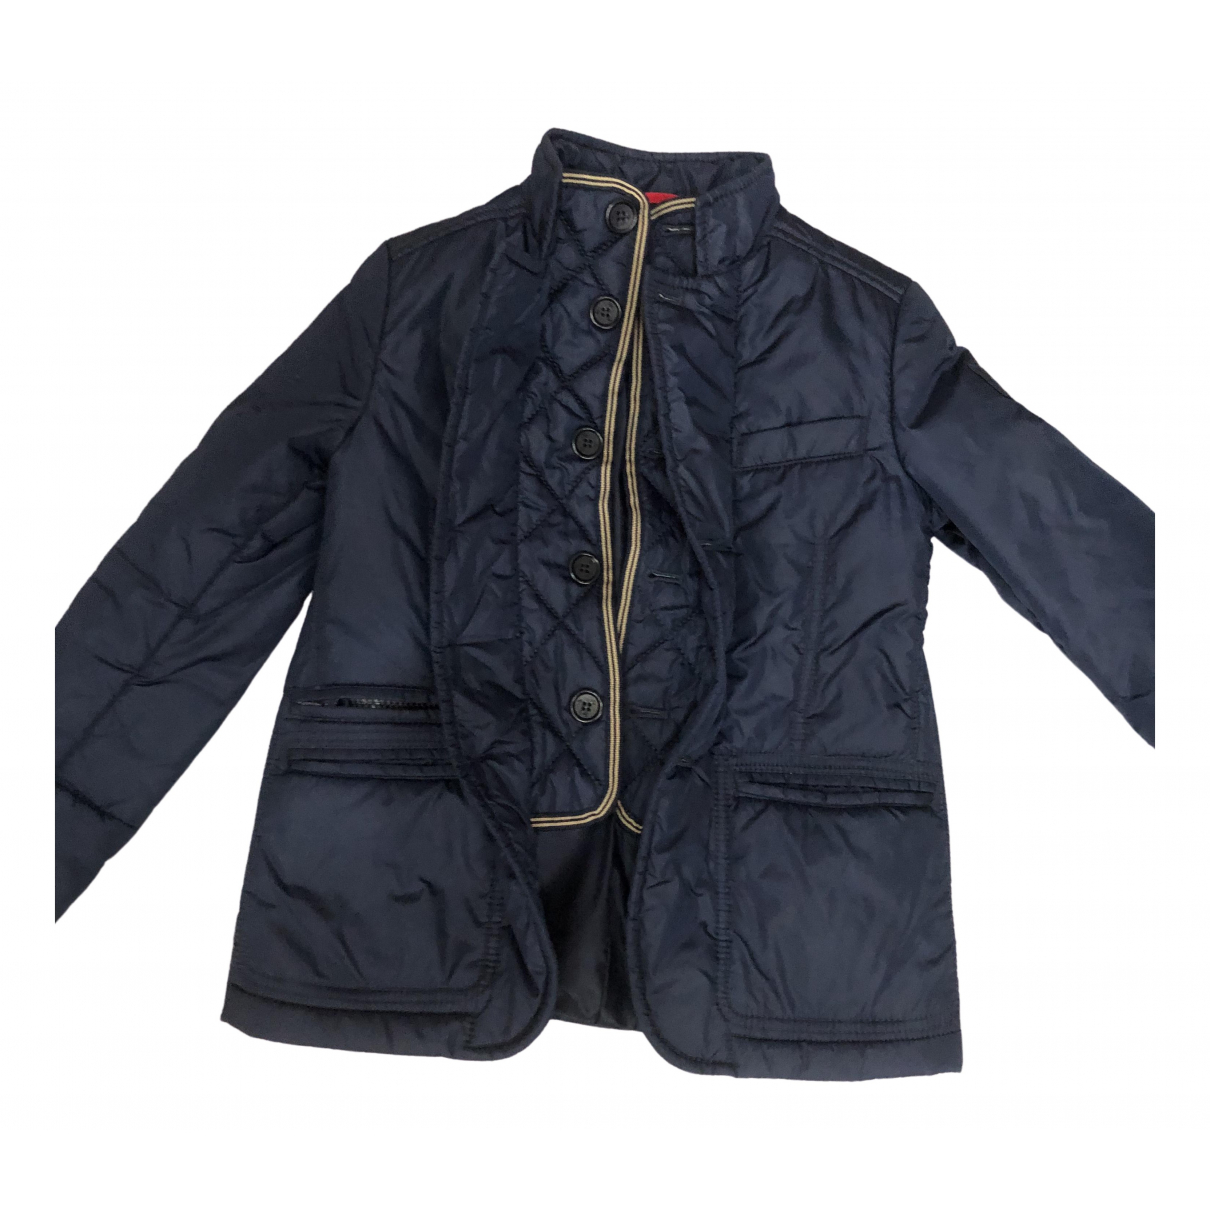 Fay - Blousons.Manteaux   pour enfant - bleu